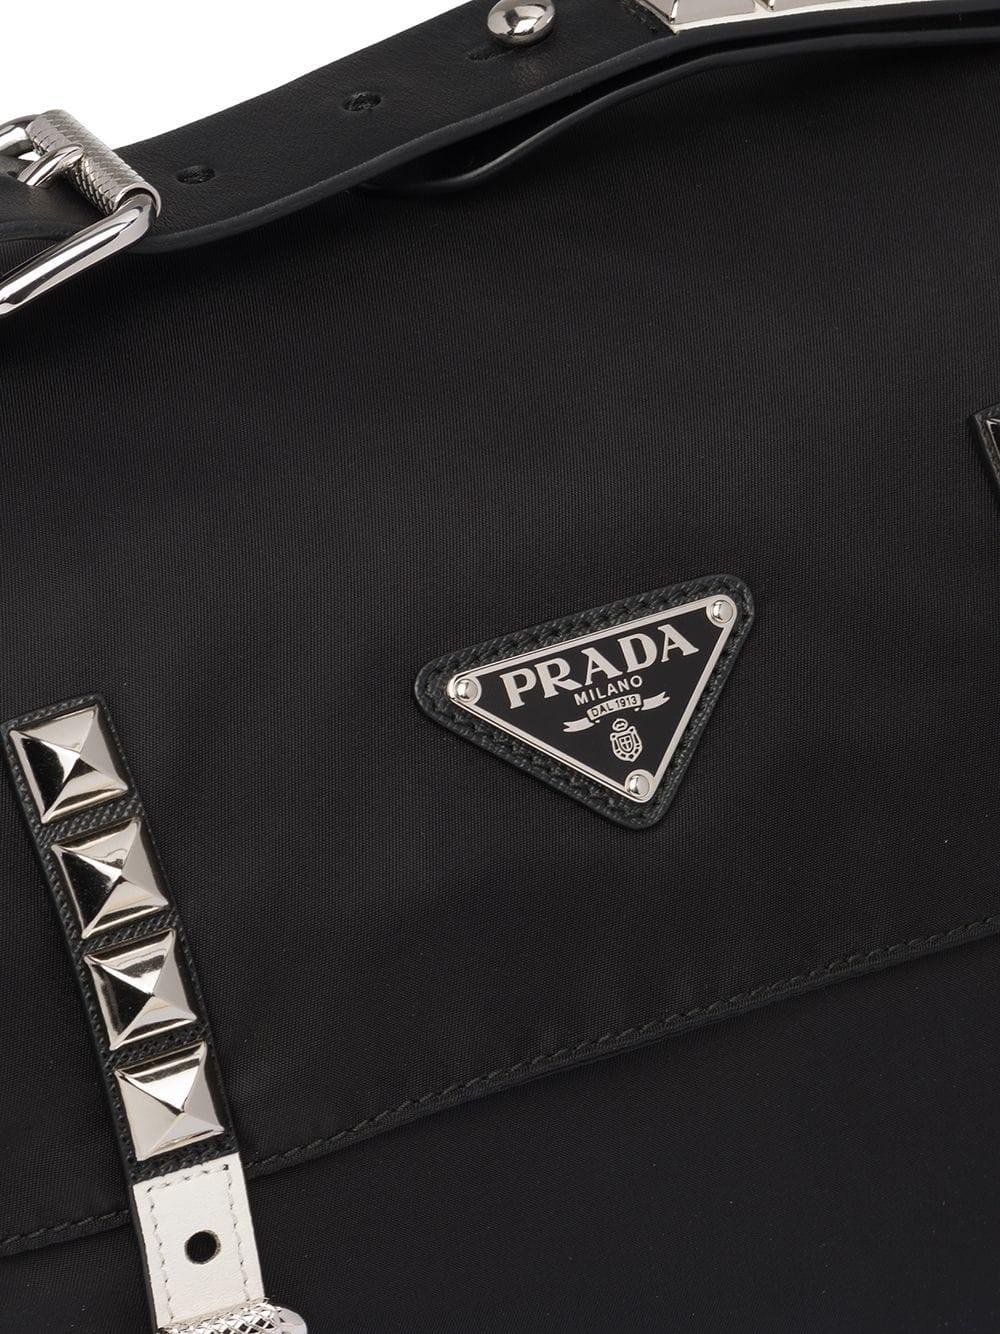 a1e41908a0e7 prada STUDDED SHOULDER BAG available on montiboutique.com - 26753